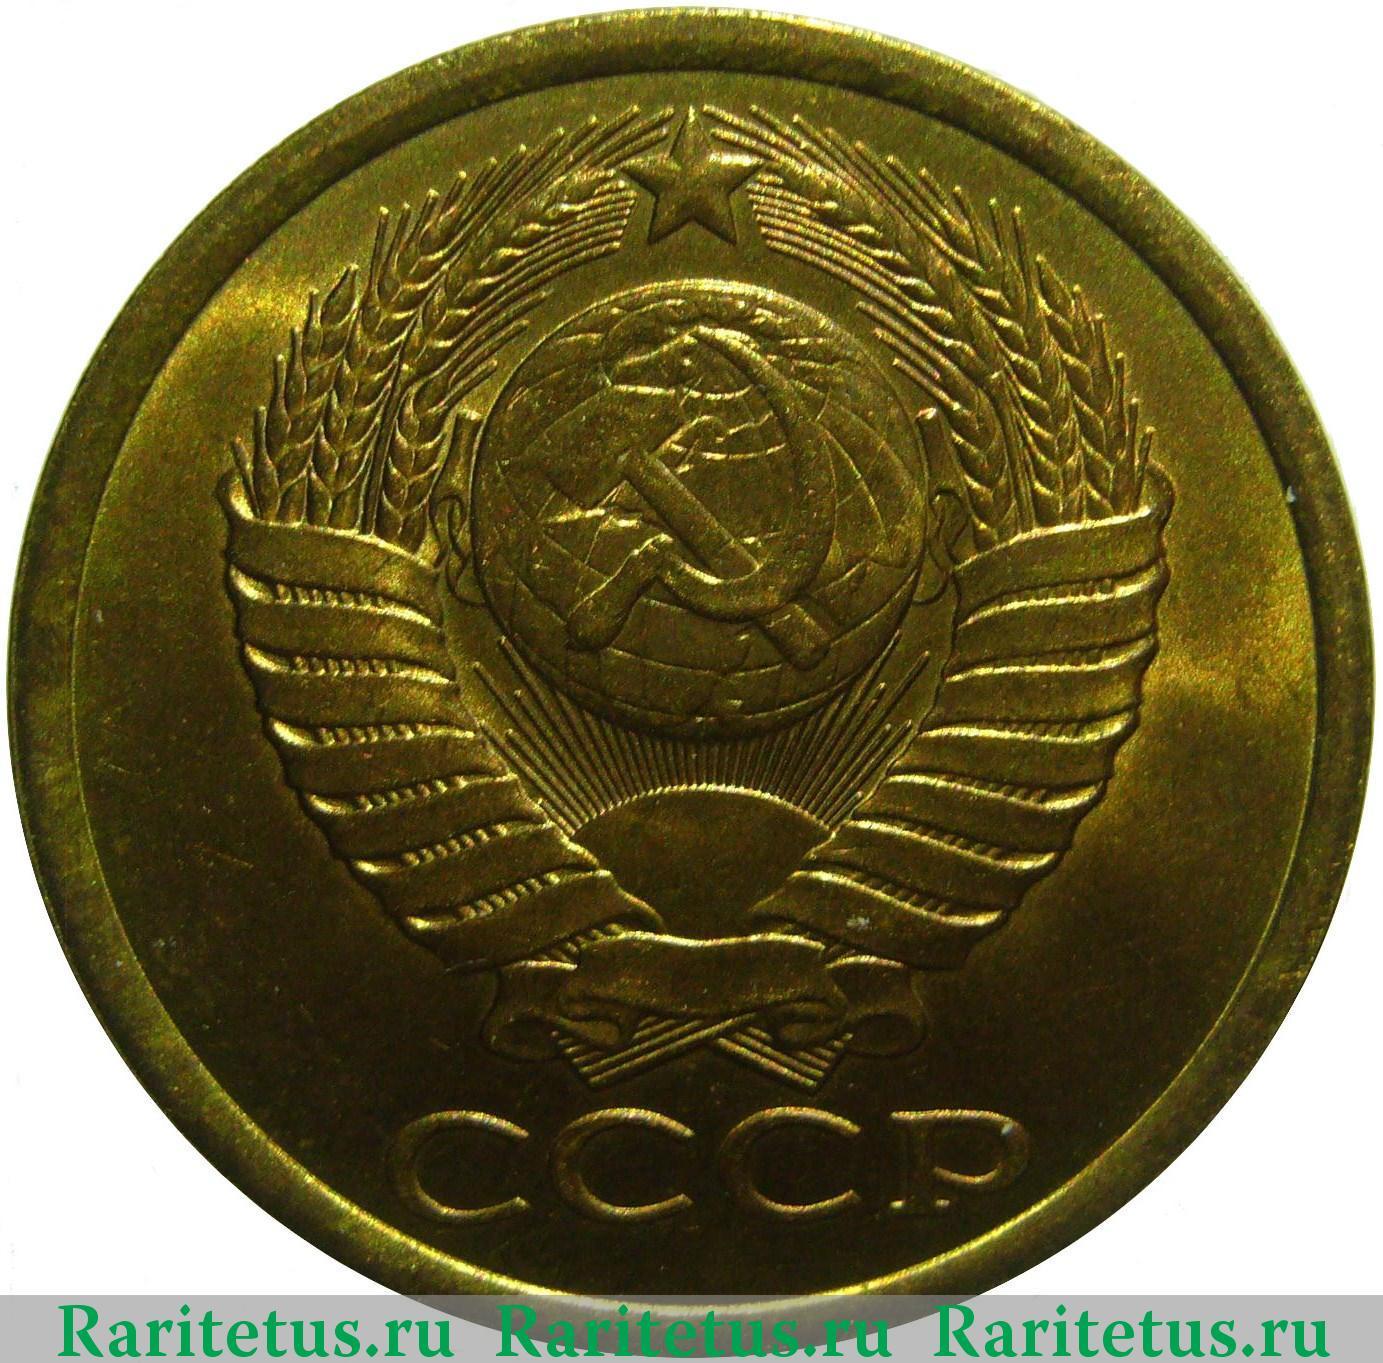 Стоимость 5 копеек 1987 года ссср монеты россии 50 лет победы